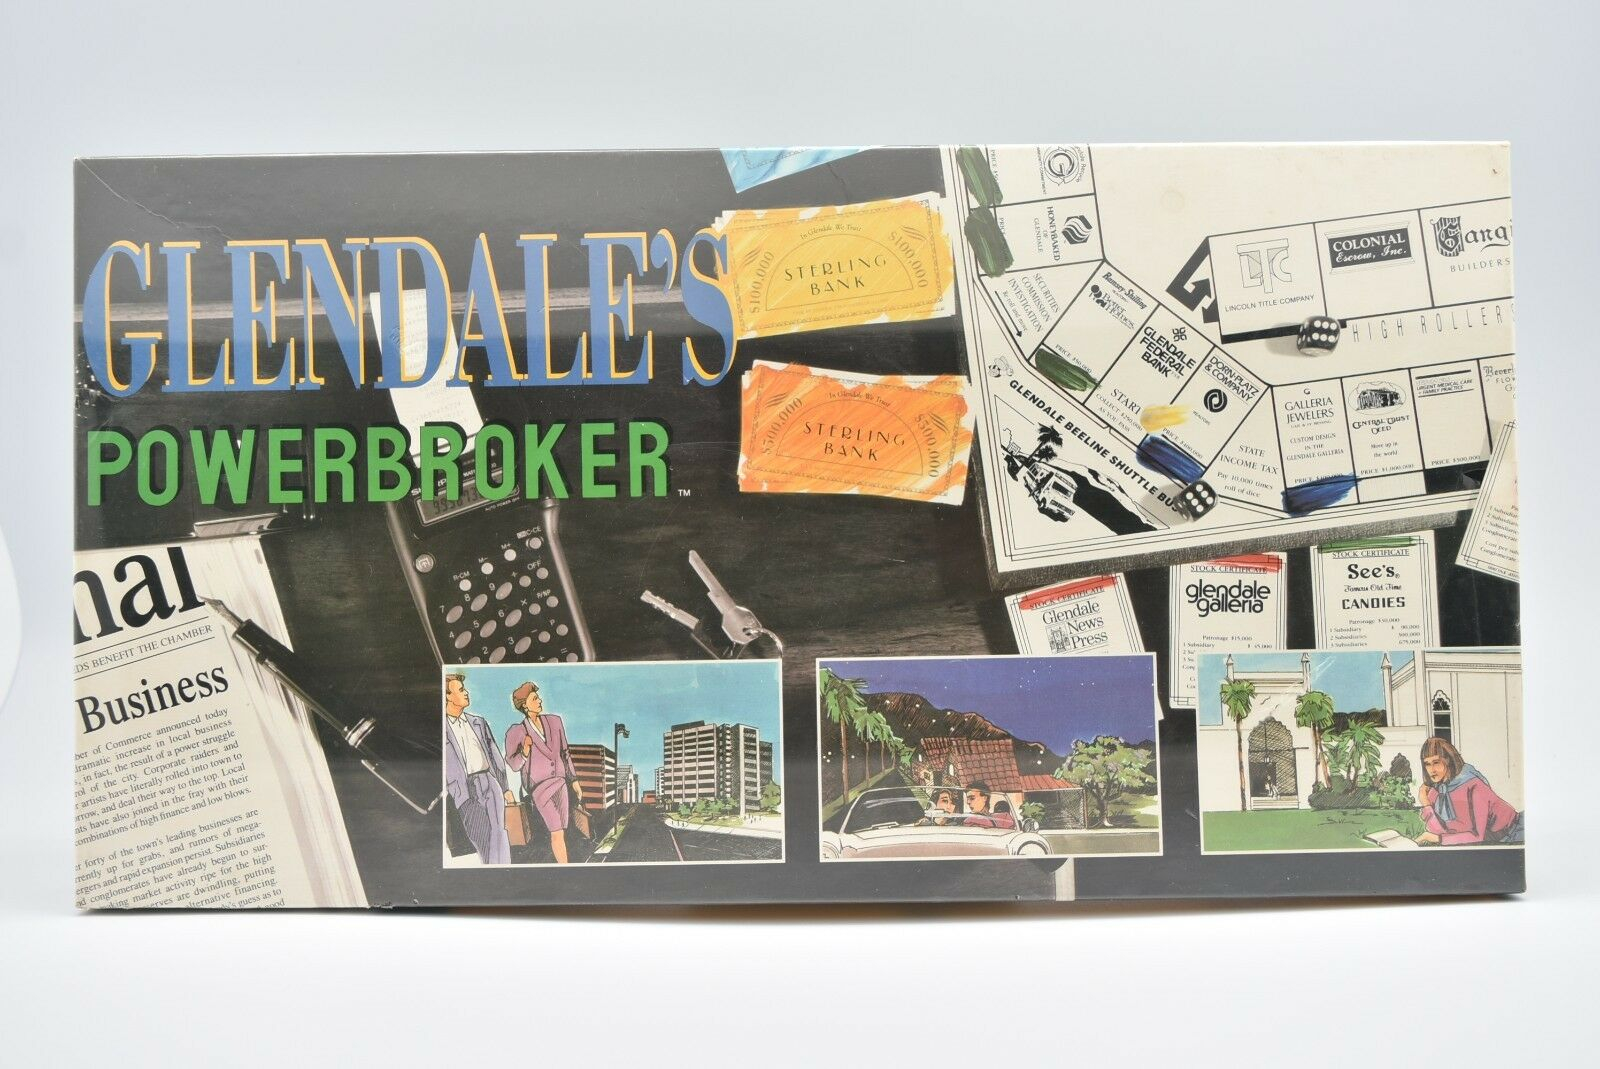 venta al por mayor barato Glendale's Glendale's Glendale's powerbroker Juego de Mesa 1989  la mejor selección de